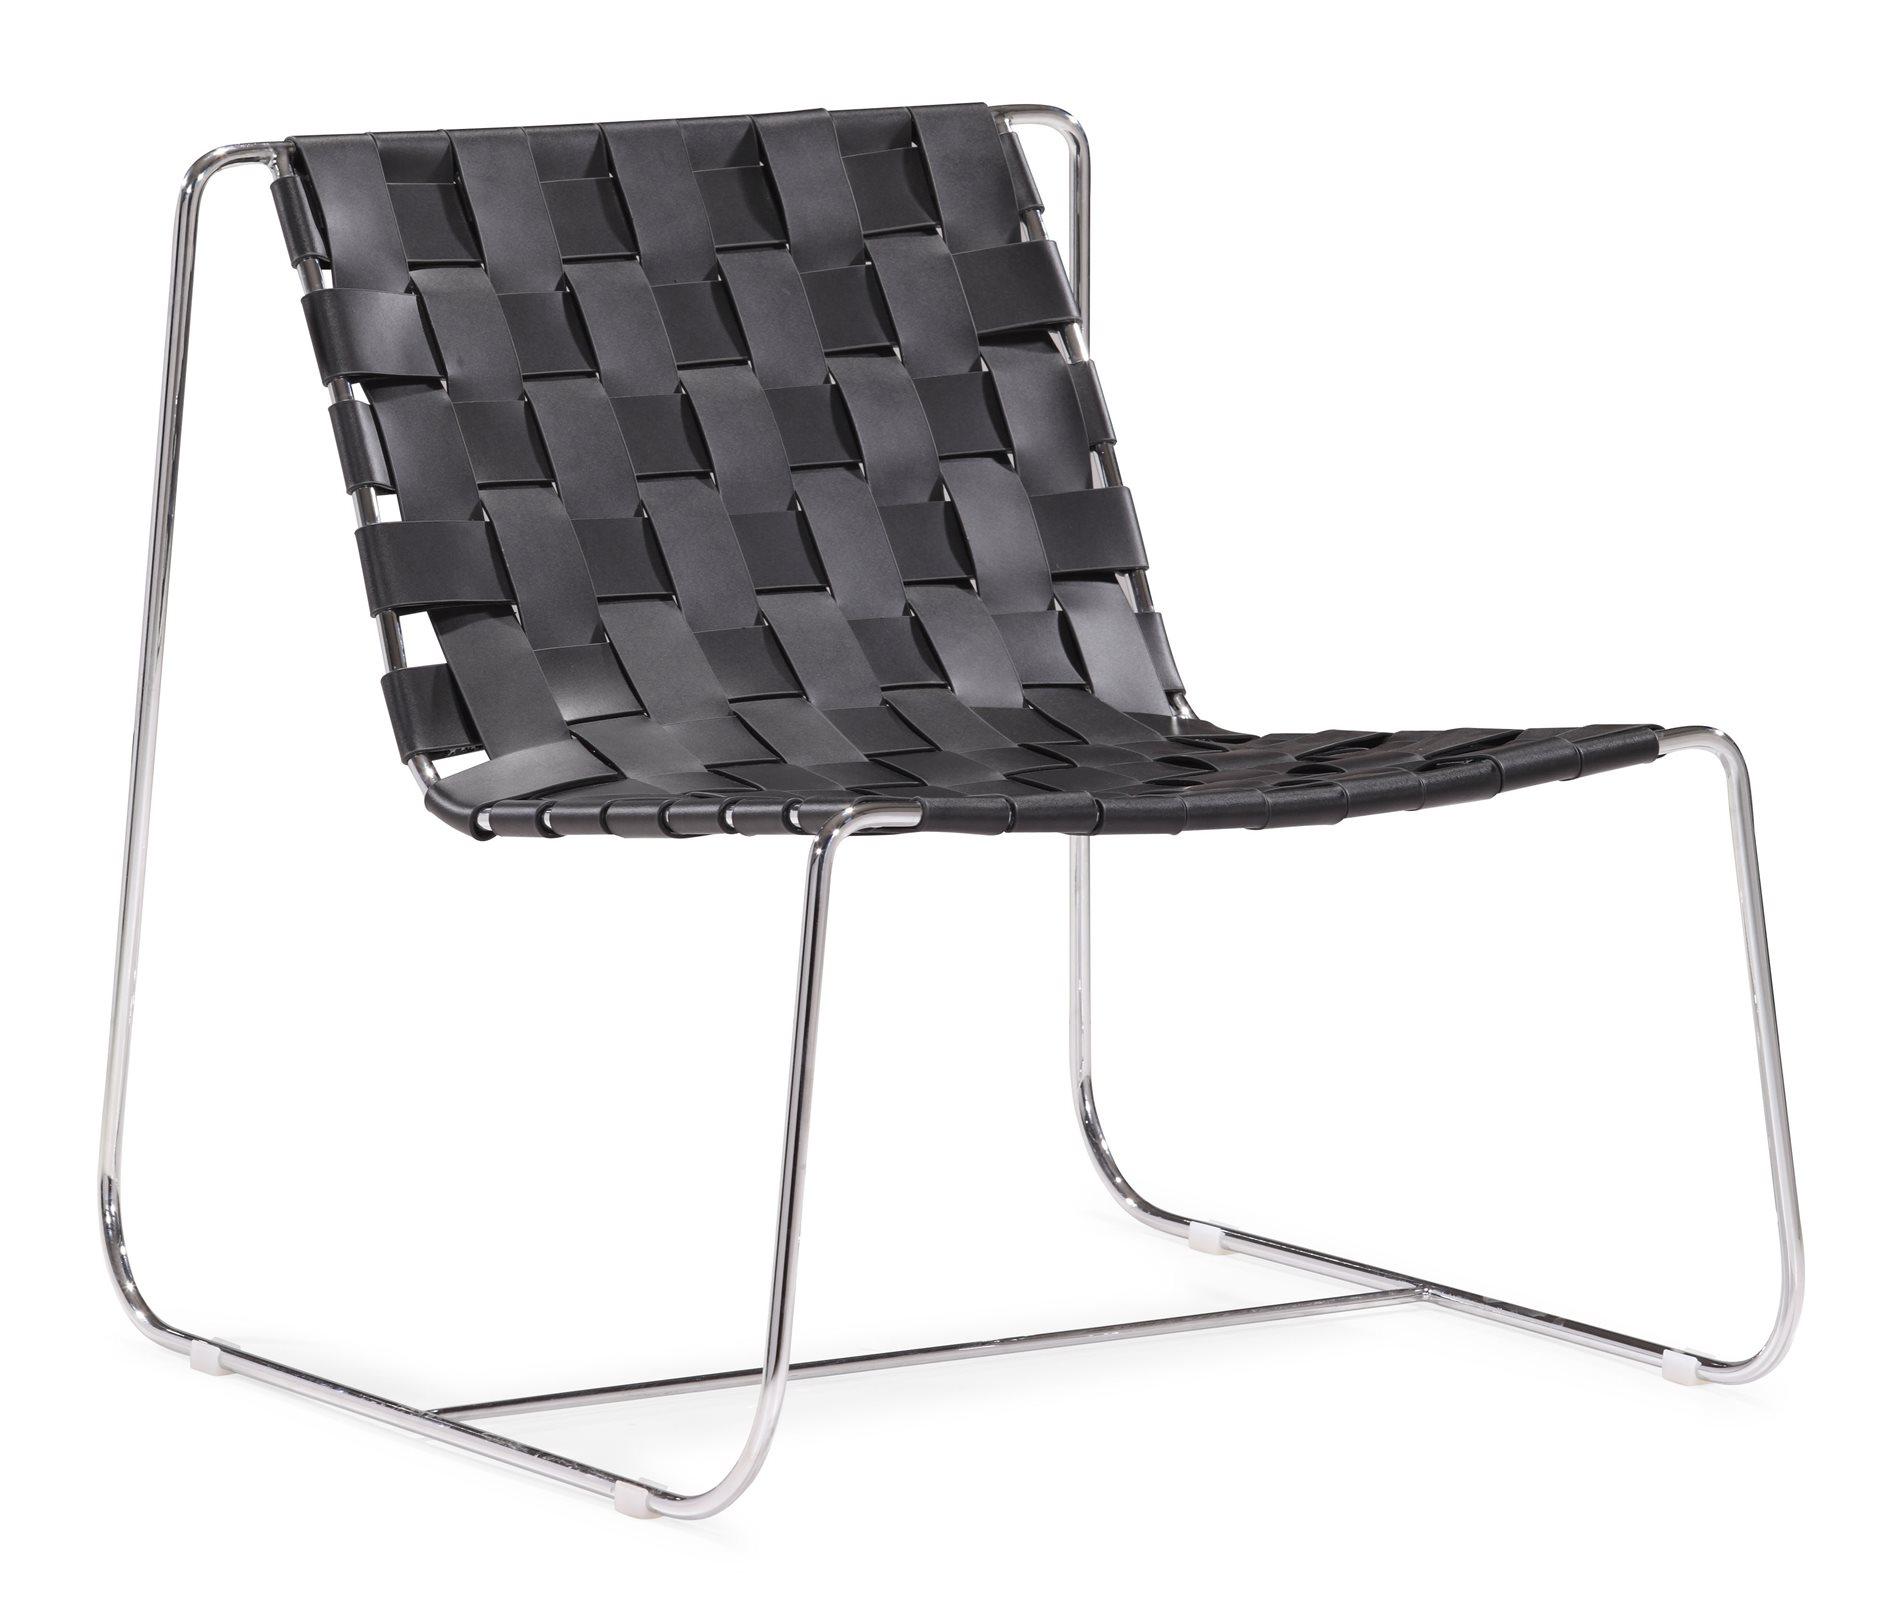 Woven Park Modern Lounge Chair